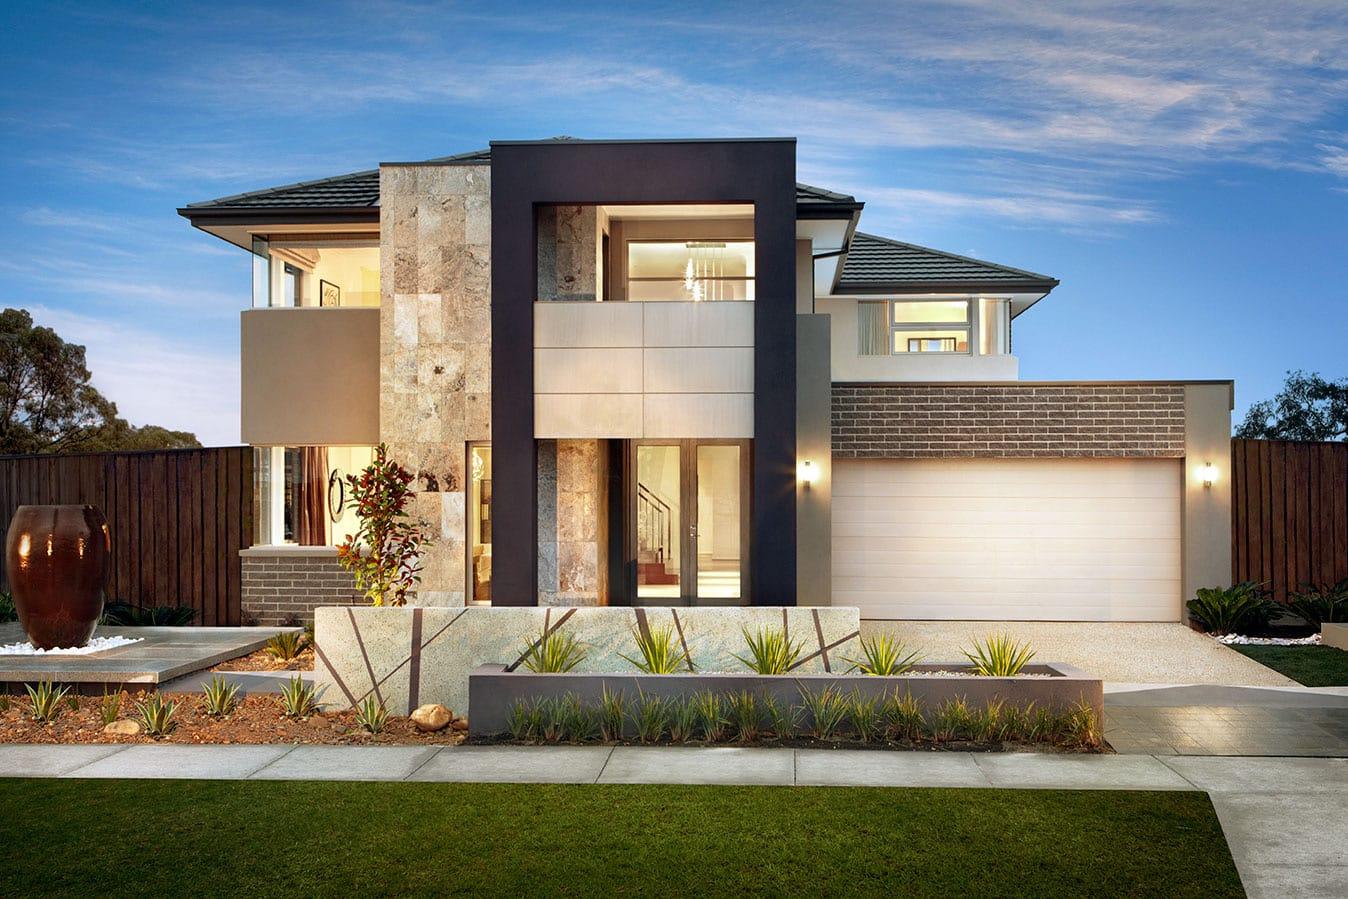 550 Koleksi Desain Halaman Rumah Tanpa Pagar Terbaru